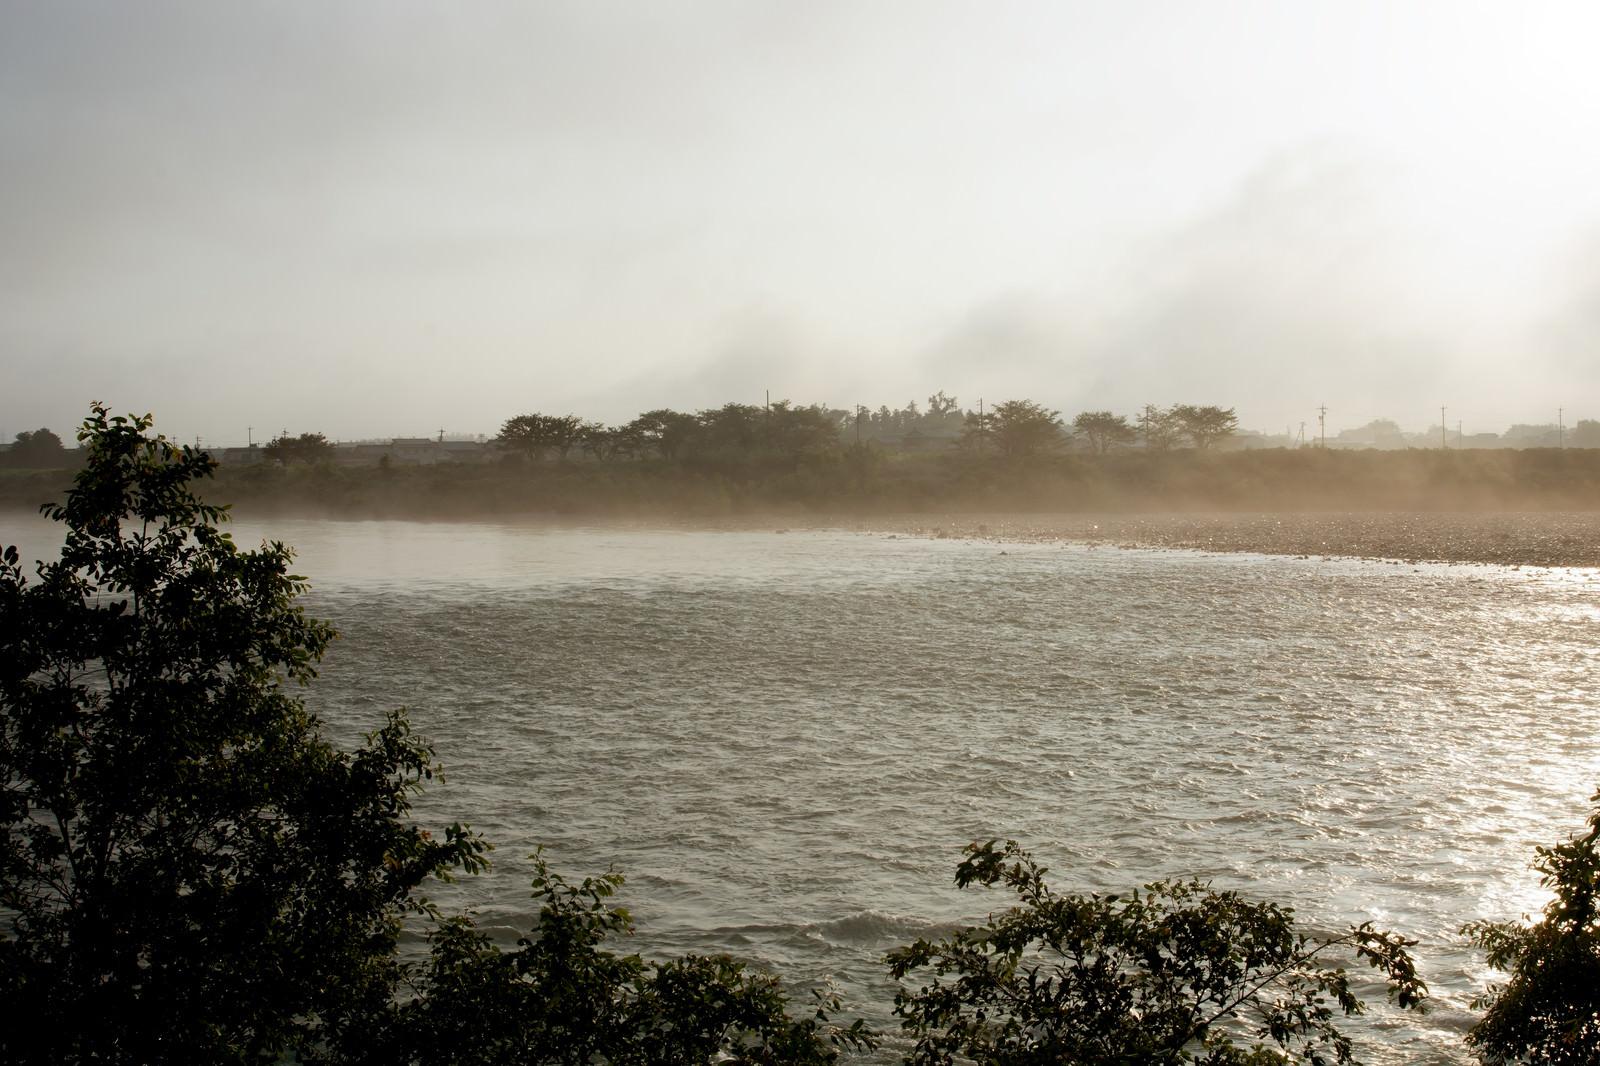 「朝靄に霞む河川」の写真